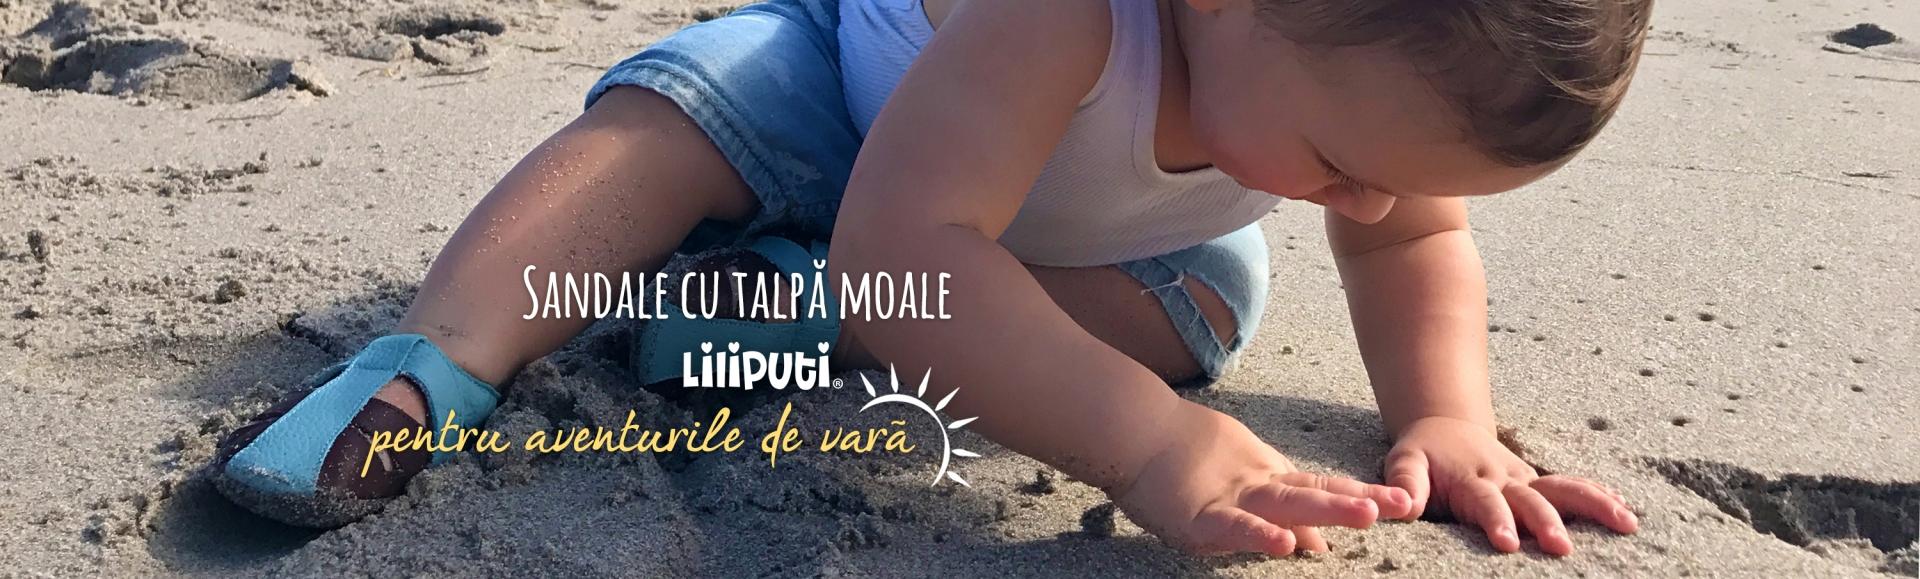 Sandale cu talpă moale Liliputi®